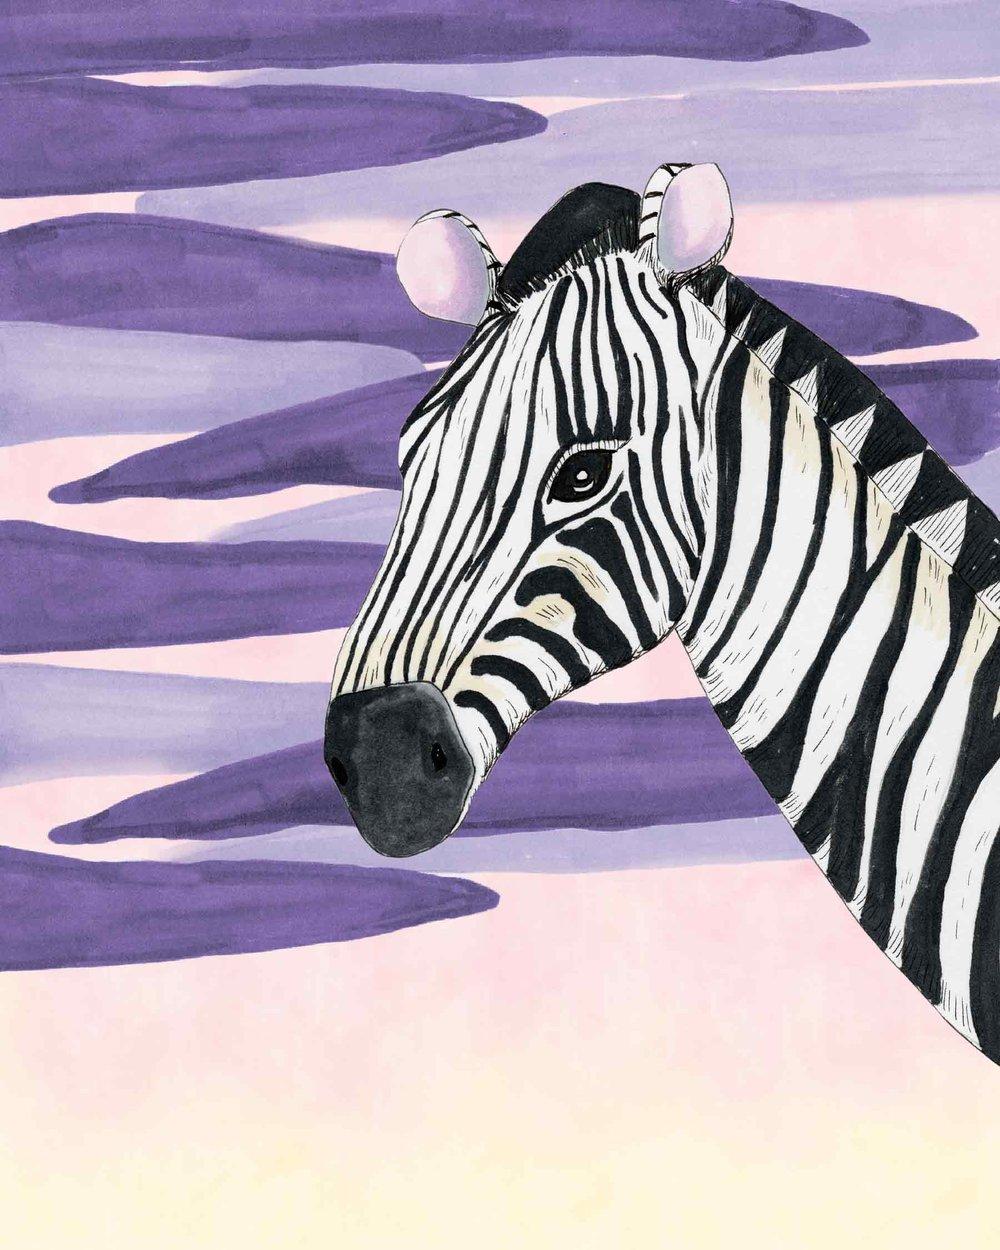 Zebra-Full-Color-41118.jpg